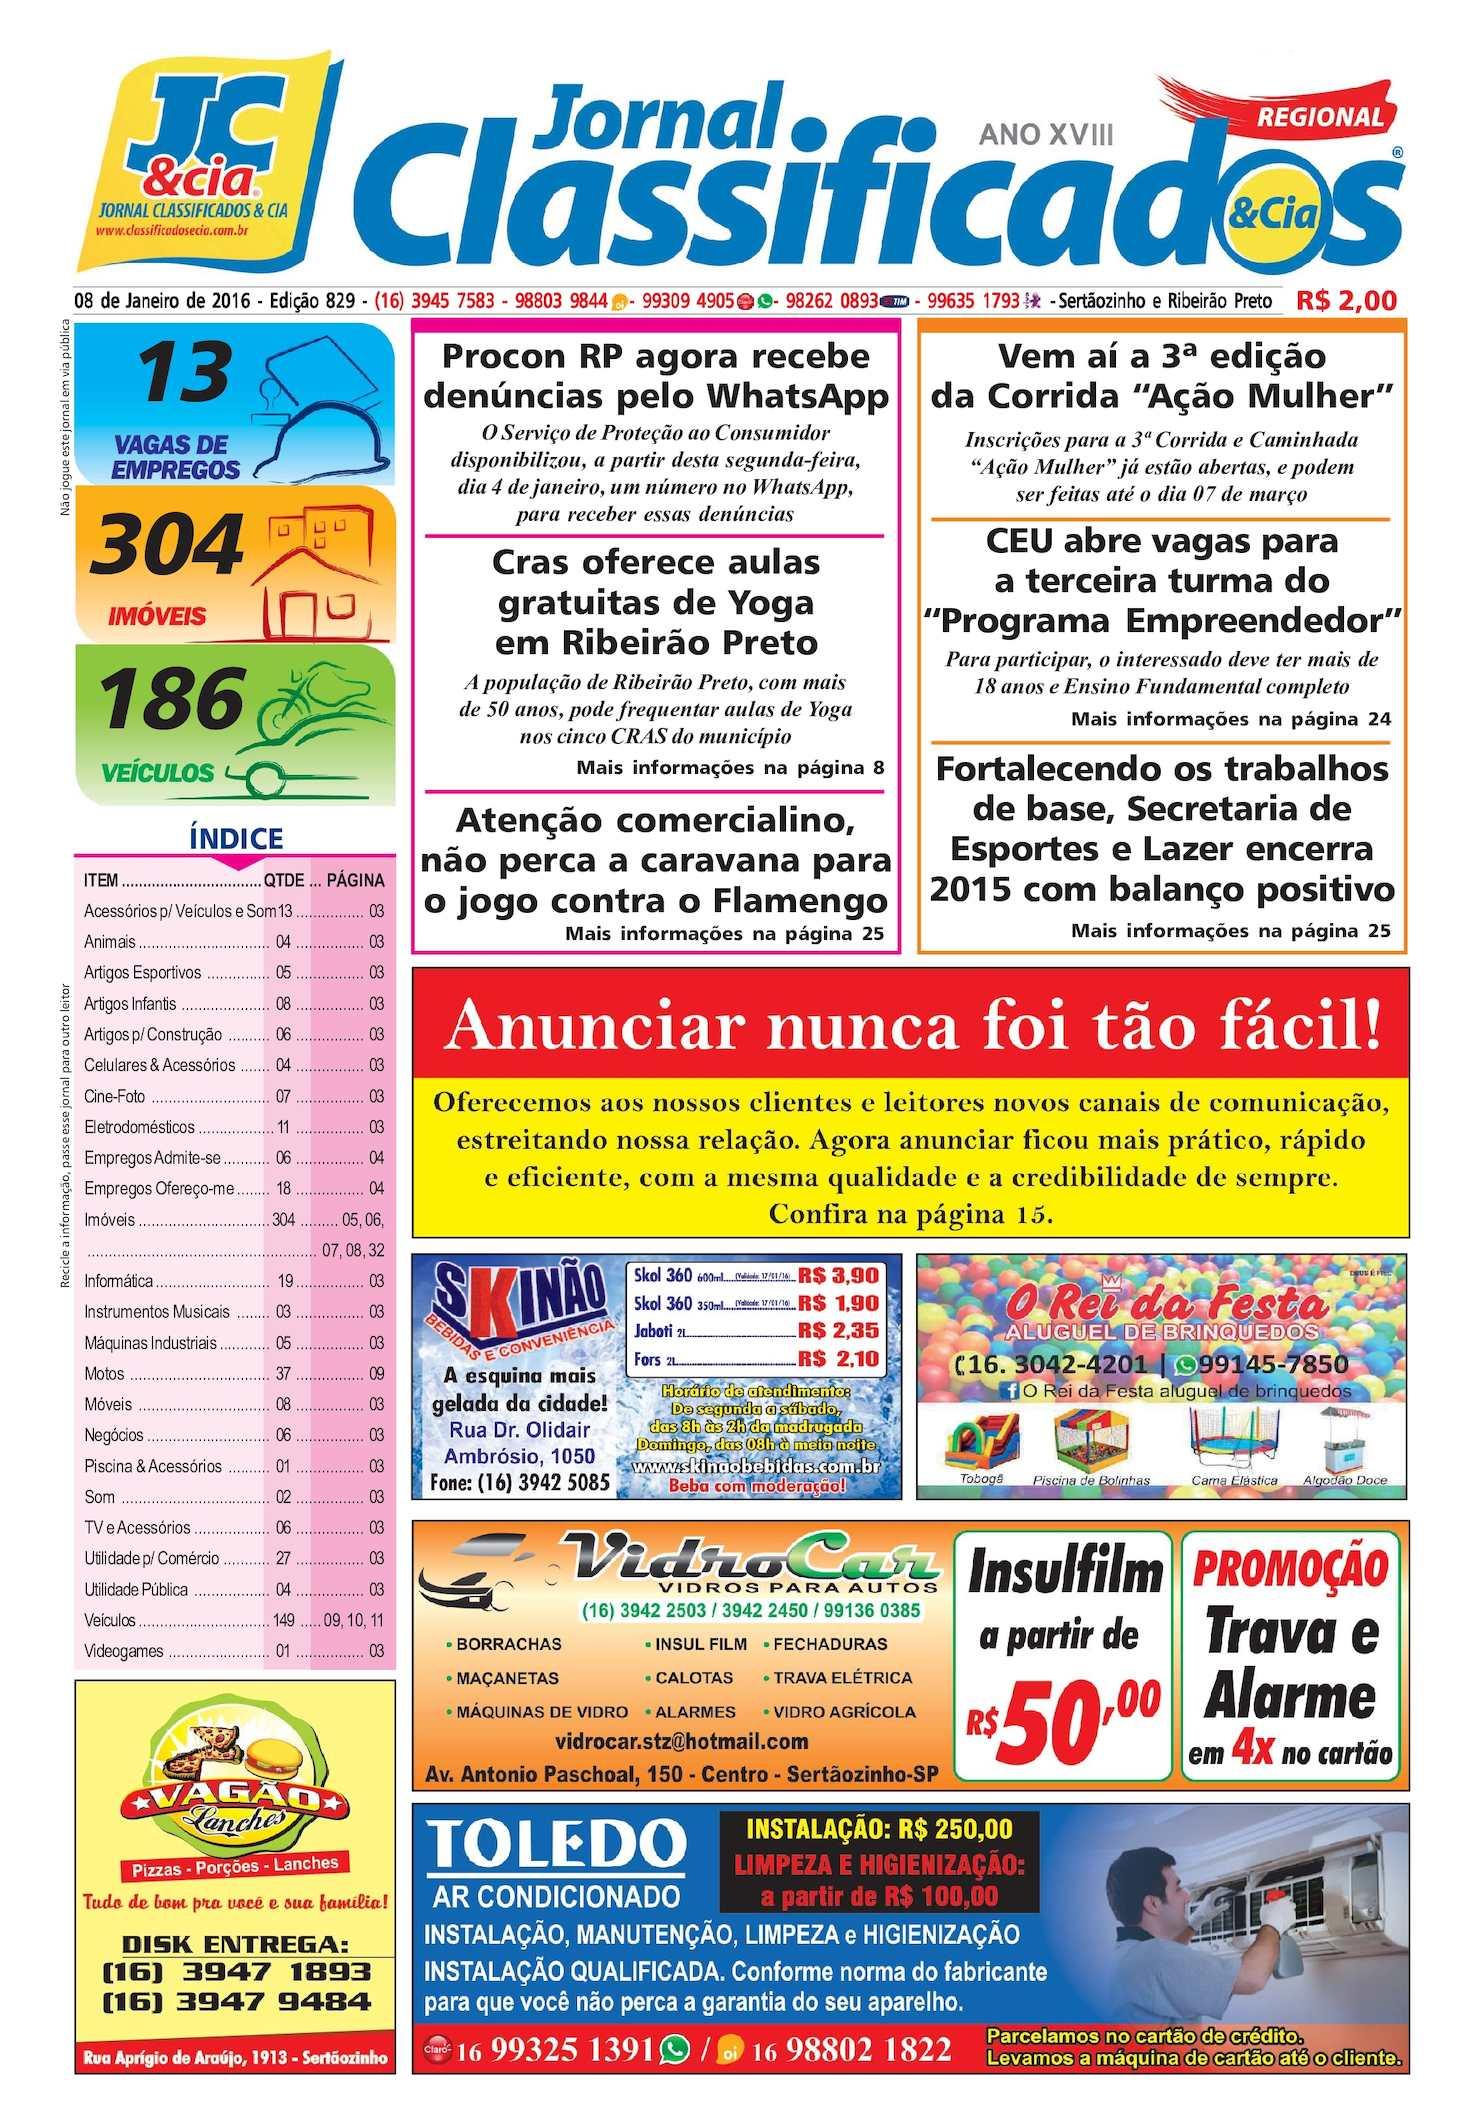 Relações Ocasionais San Grátis Ribeirão Das Neves-2725